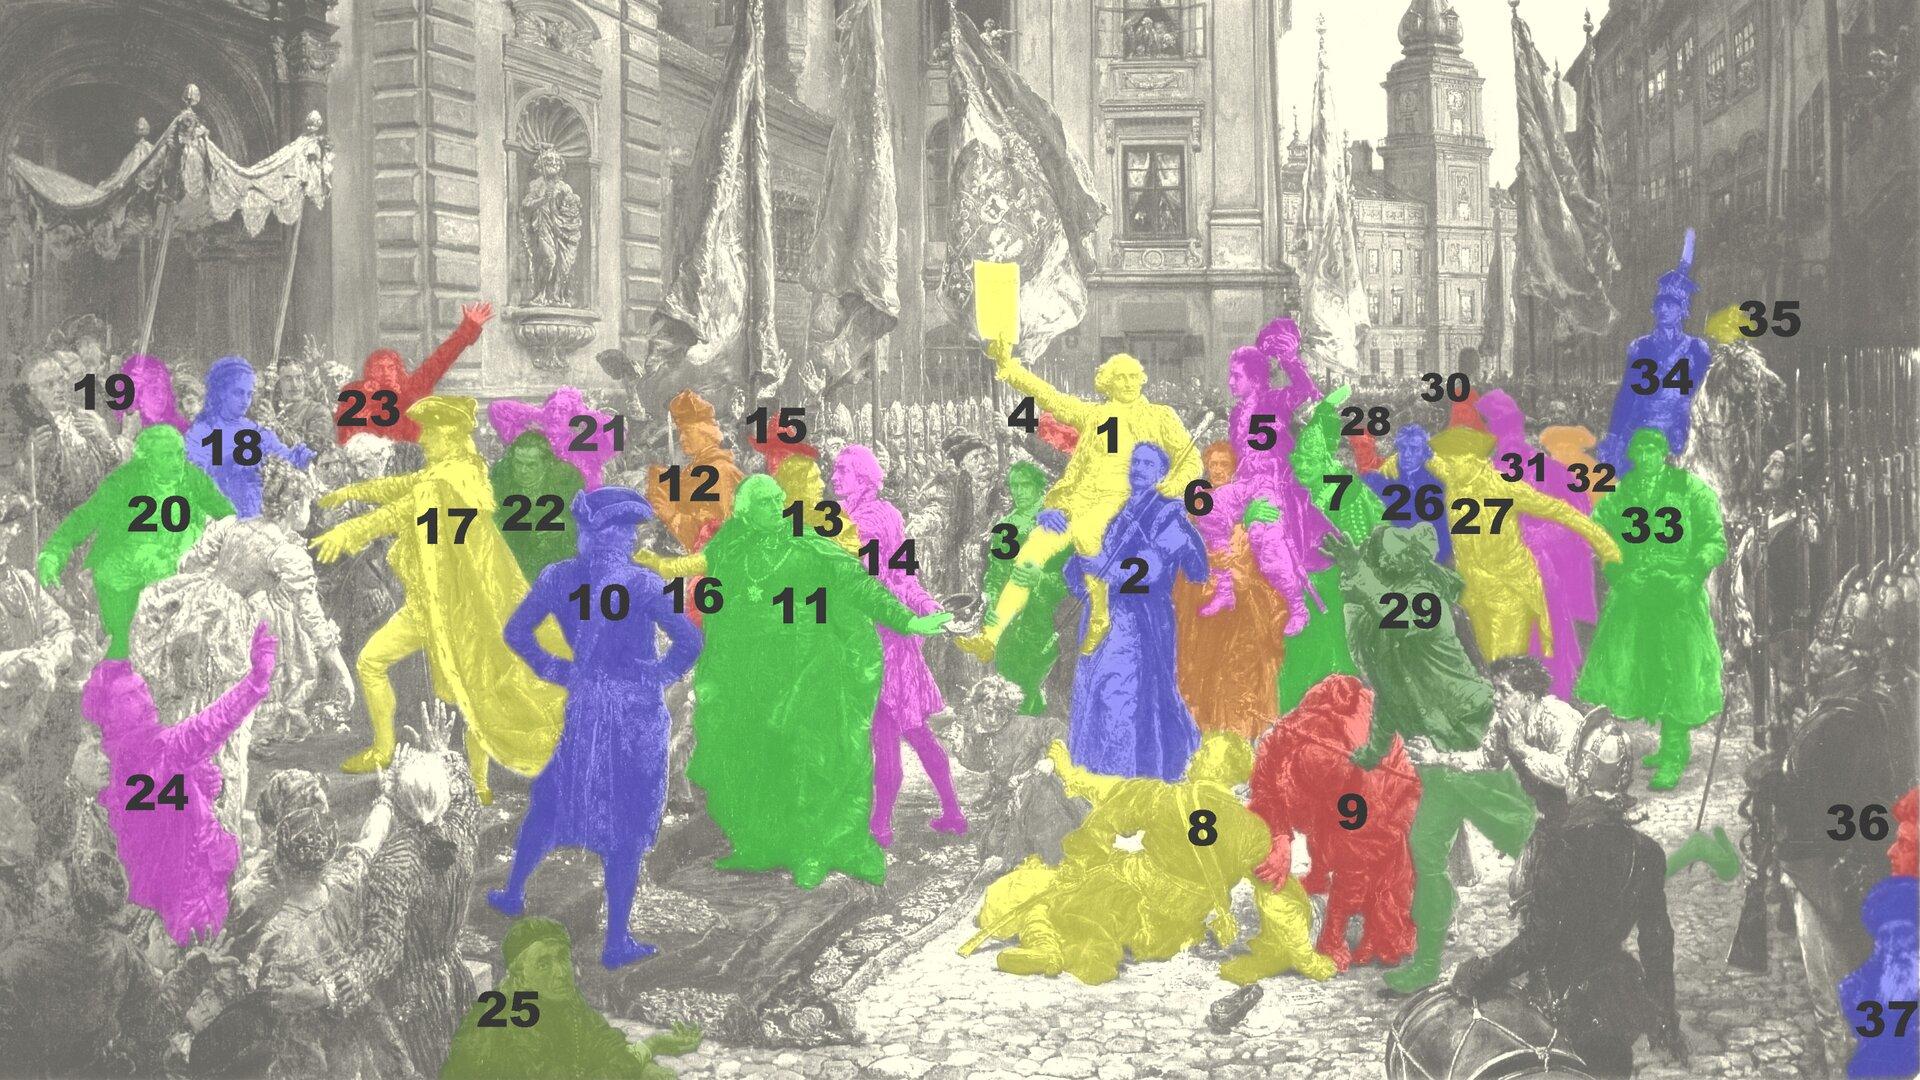 Obraz przestawia pochód posłów wcelu zaprzysiężenia Konstytucji trzeciego maja. Na obrazie znajduje się wiele postaci historycznych związanych zKonstytucją trzeciego maja. Na obrazie postacie są oznaczone cyframi od jeden do trzydzieści siedem. Najważniejszą postacią obrazu jest marszałek Stanisław Małachowski, oznaczony jako numer jeden. Marszałek znajduje się wcentrum obrazu. Trzyma tekst Konstytucji, adwaj posłowie Aleksander Linowski (numer dwa) iIgnacy Wyssogota Zakrzewski (numer trzy) podtrzymują marszałka na ramionach. Obok postaci marszałka widać twarz generała Tadeusza Kościuszki (oznaczony jako numer cztery). Król znajduje się zlewej strony obrazu. Jest ubrany wkrólewską pelerynę obszytą gronostajem, ana głowie ma trójskrzydłowy kapelusz. Przeciwnikiem konstytucji był poseł na Sejm Wielki Jan Suchorzewski. Na obrazie jest oznaczony jako numer osiem. Jan Suchorzewski wygląda, jakby upadł, podpiera się ręką obrukowaną ulicę. Wcentrum obrazu znajduje kolejna ważna postać, współautor konstytucji Hugo Kołłątaj. Jest ubrany wczarne szaty ioznaczony numerem jedenaście. Za Hugo Kołłątajem stoją Ignacy Potocki współautor konstytucji (numer trzynaście) oraz Adam Kazimierz Czartoryski (numer czternaście). Zprzodu obrazu znajduje się Franciszek Ksawery Branicki (oznaczony numerem dziesięć), który stoi odwrócony plecami do oglądających obraz. Franciszek Ksawery Branicki również był przeciwnikiem konstytucji. Inną ważną postacią obrazu jest król Stanisław August Poniatowski oznaczony jako numer siedemnaście. Kolejną ważną postacią jest Józef Poniatowski, który oznaczony jest jako numer trzydzieści cztery. Józef Poniatowski, generał wojsk koronnych, siedzi na koniu iznajduje się po prawej stronie obrazu. Wgłębi obrazu można zauważyć fragment Zamku Królewskiego zWieżą Zygmuntowską.